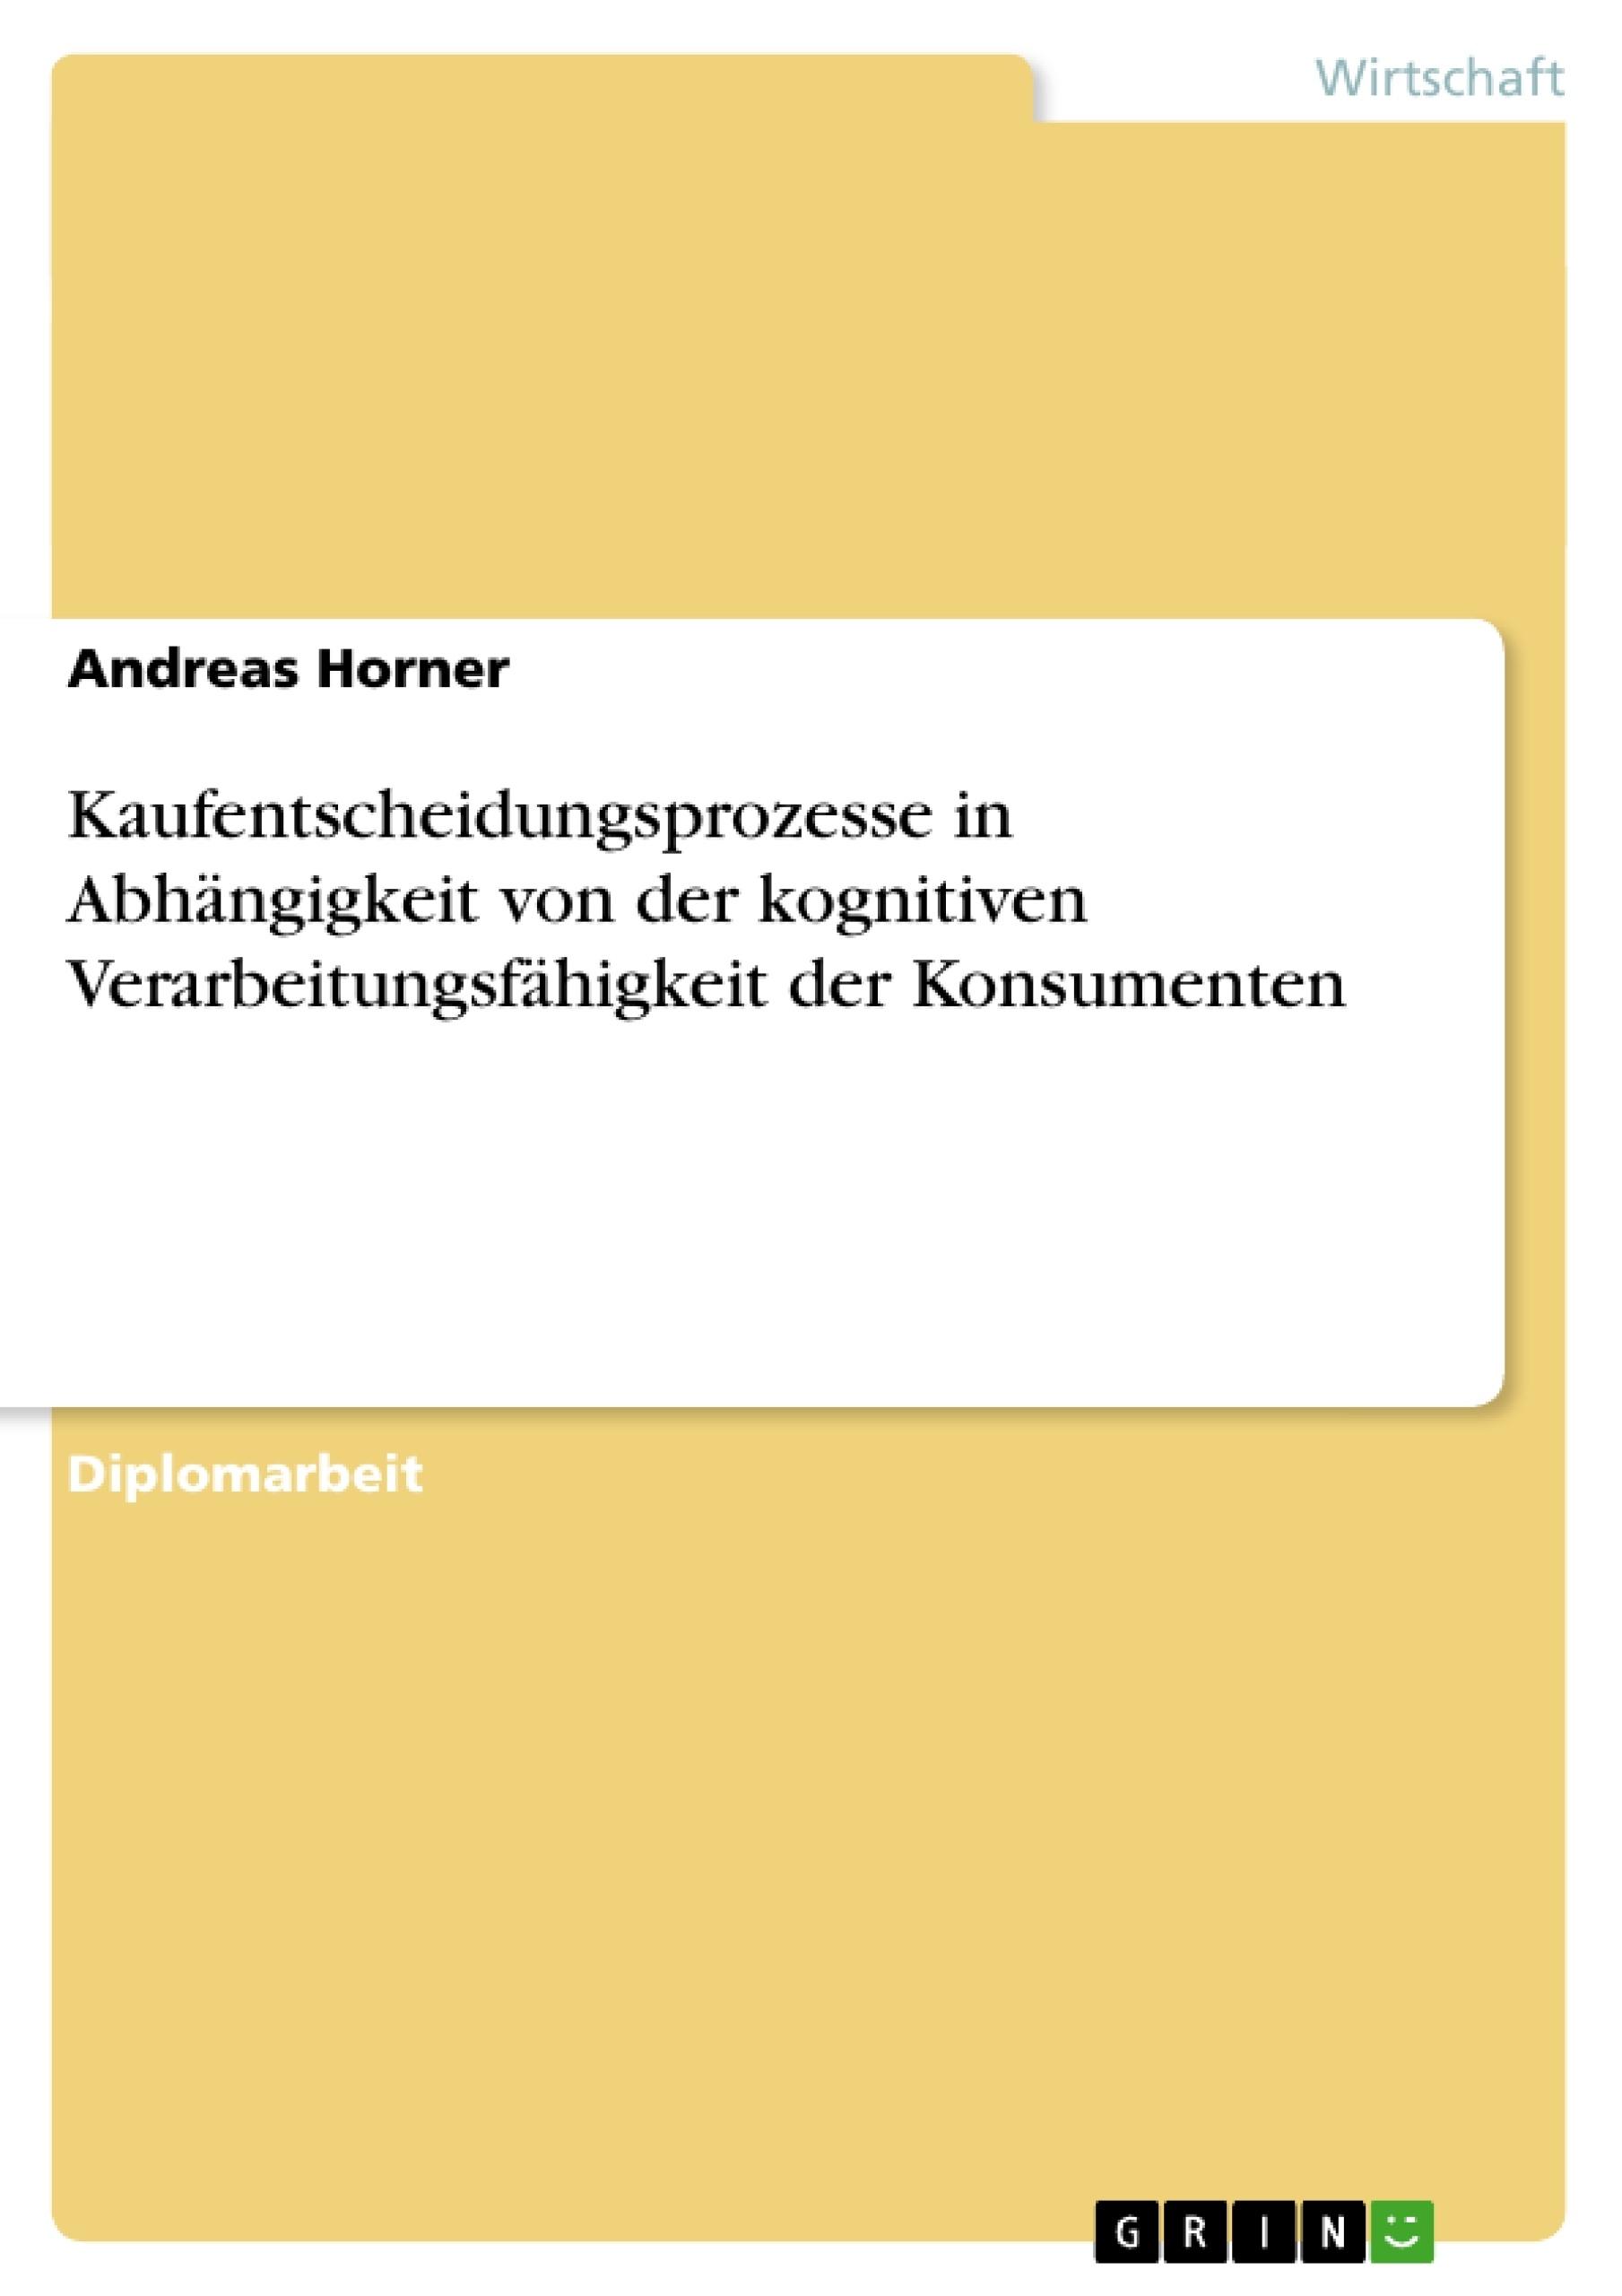 Titel: Kaufentscheidungsprozesse in Abhängigkeit von der kognitiven Verarbeitungsfähigkeit der Konsumenten